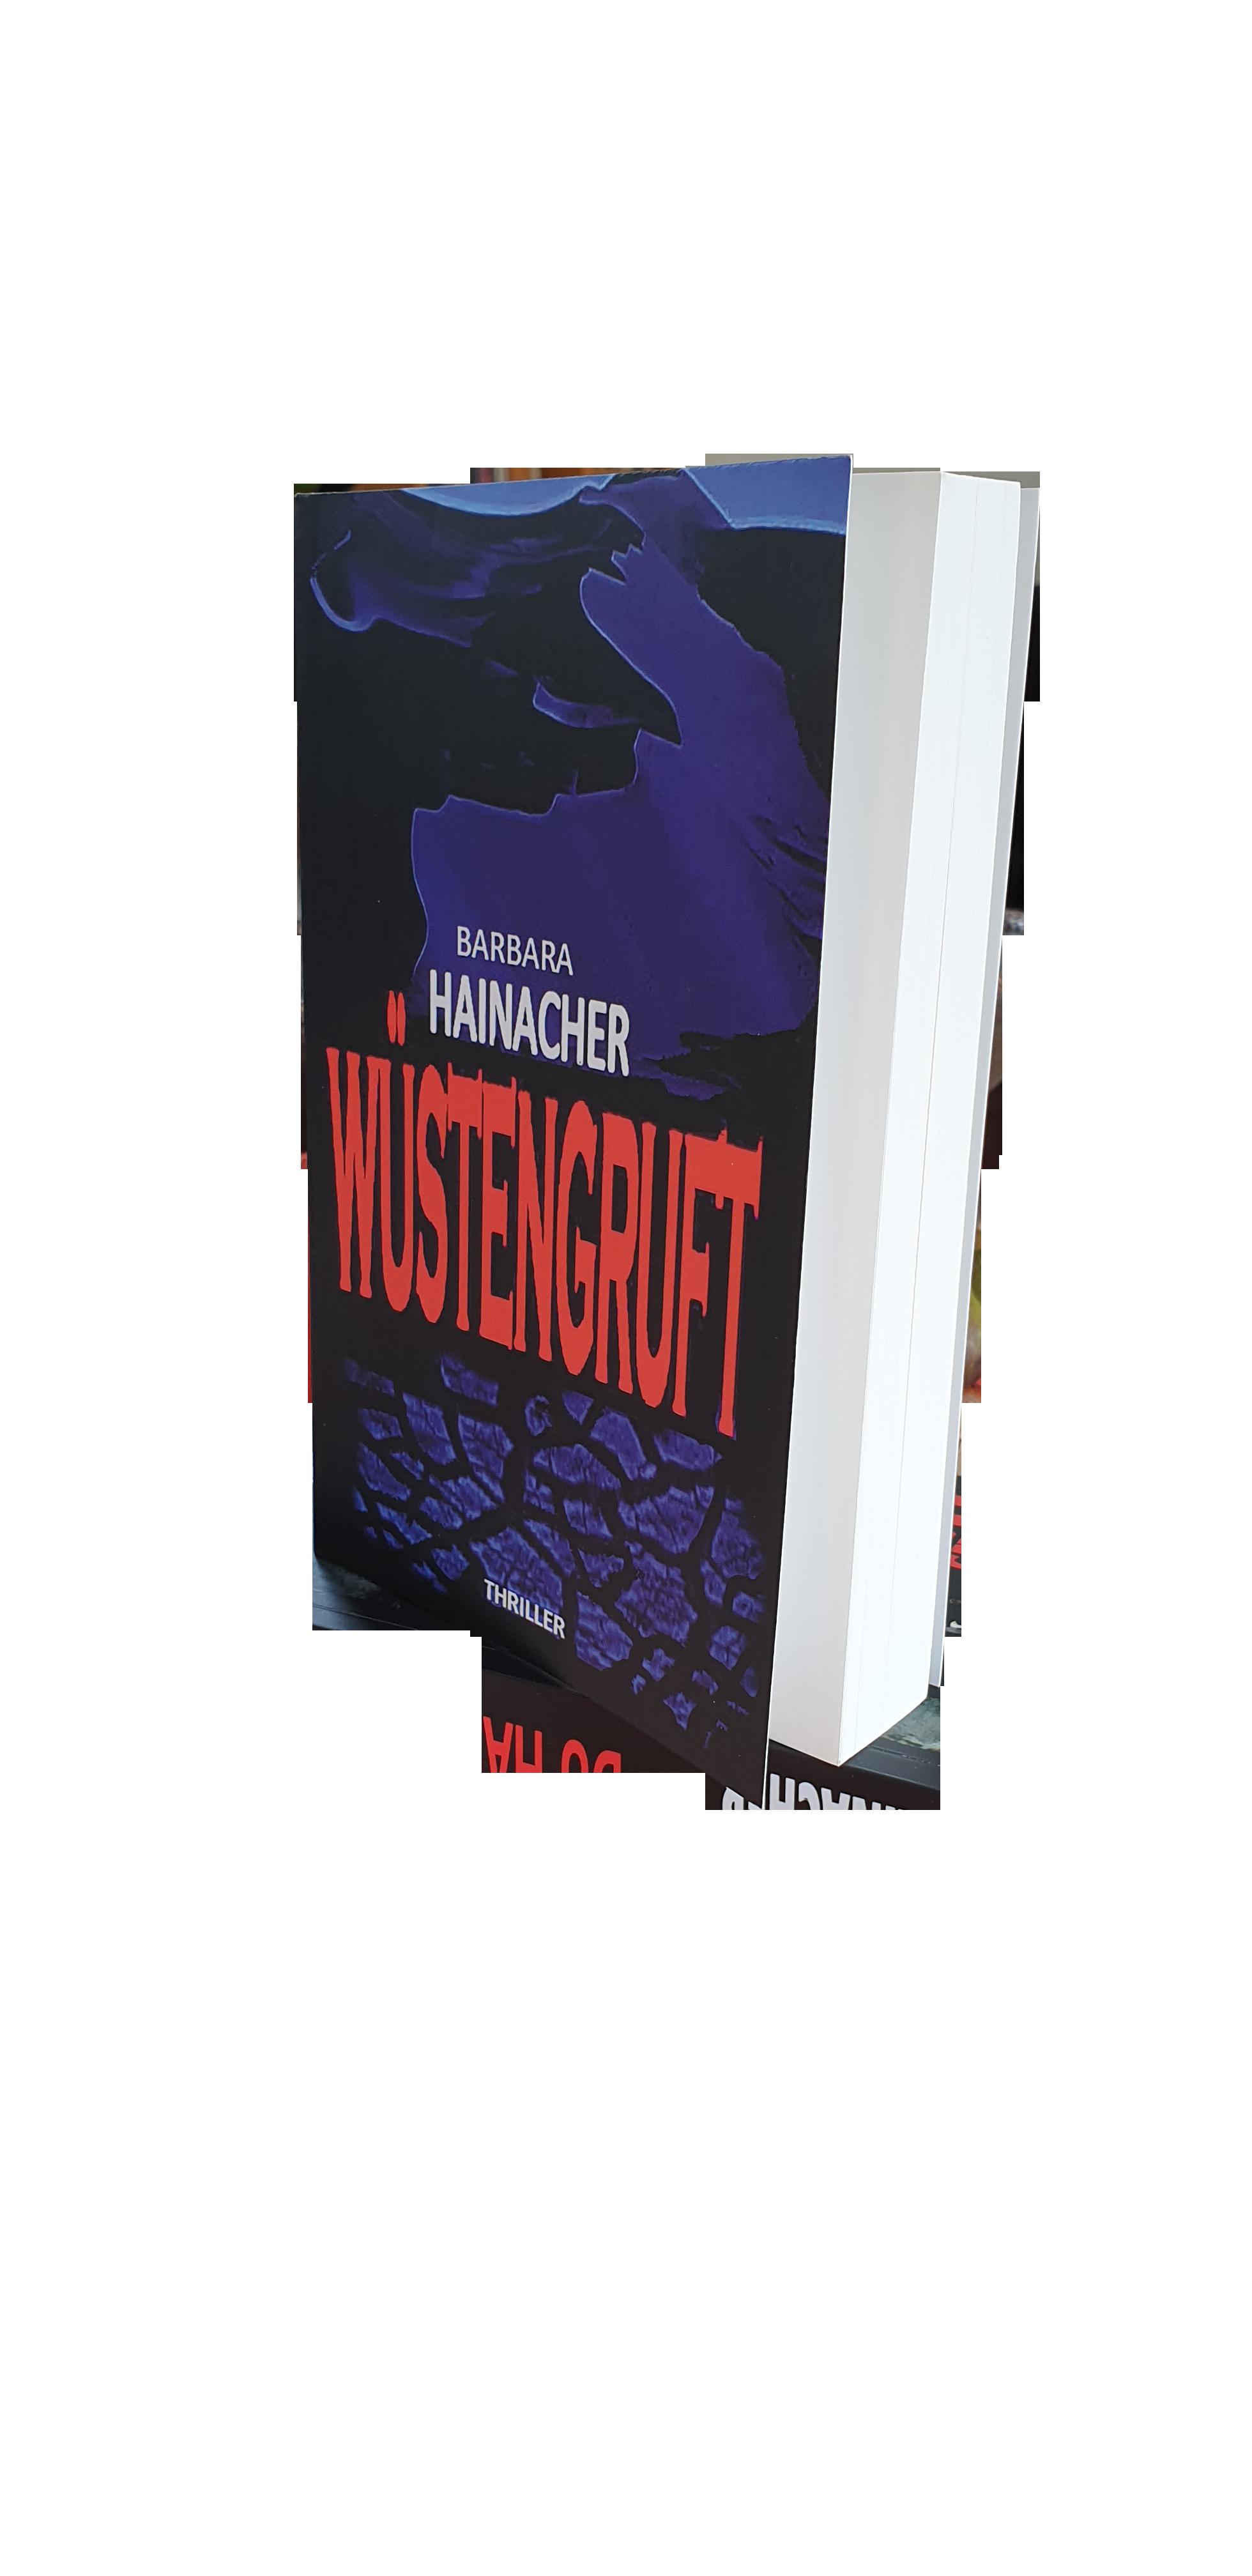 Autorin Barbara Hainacher